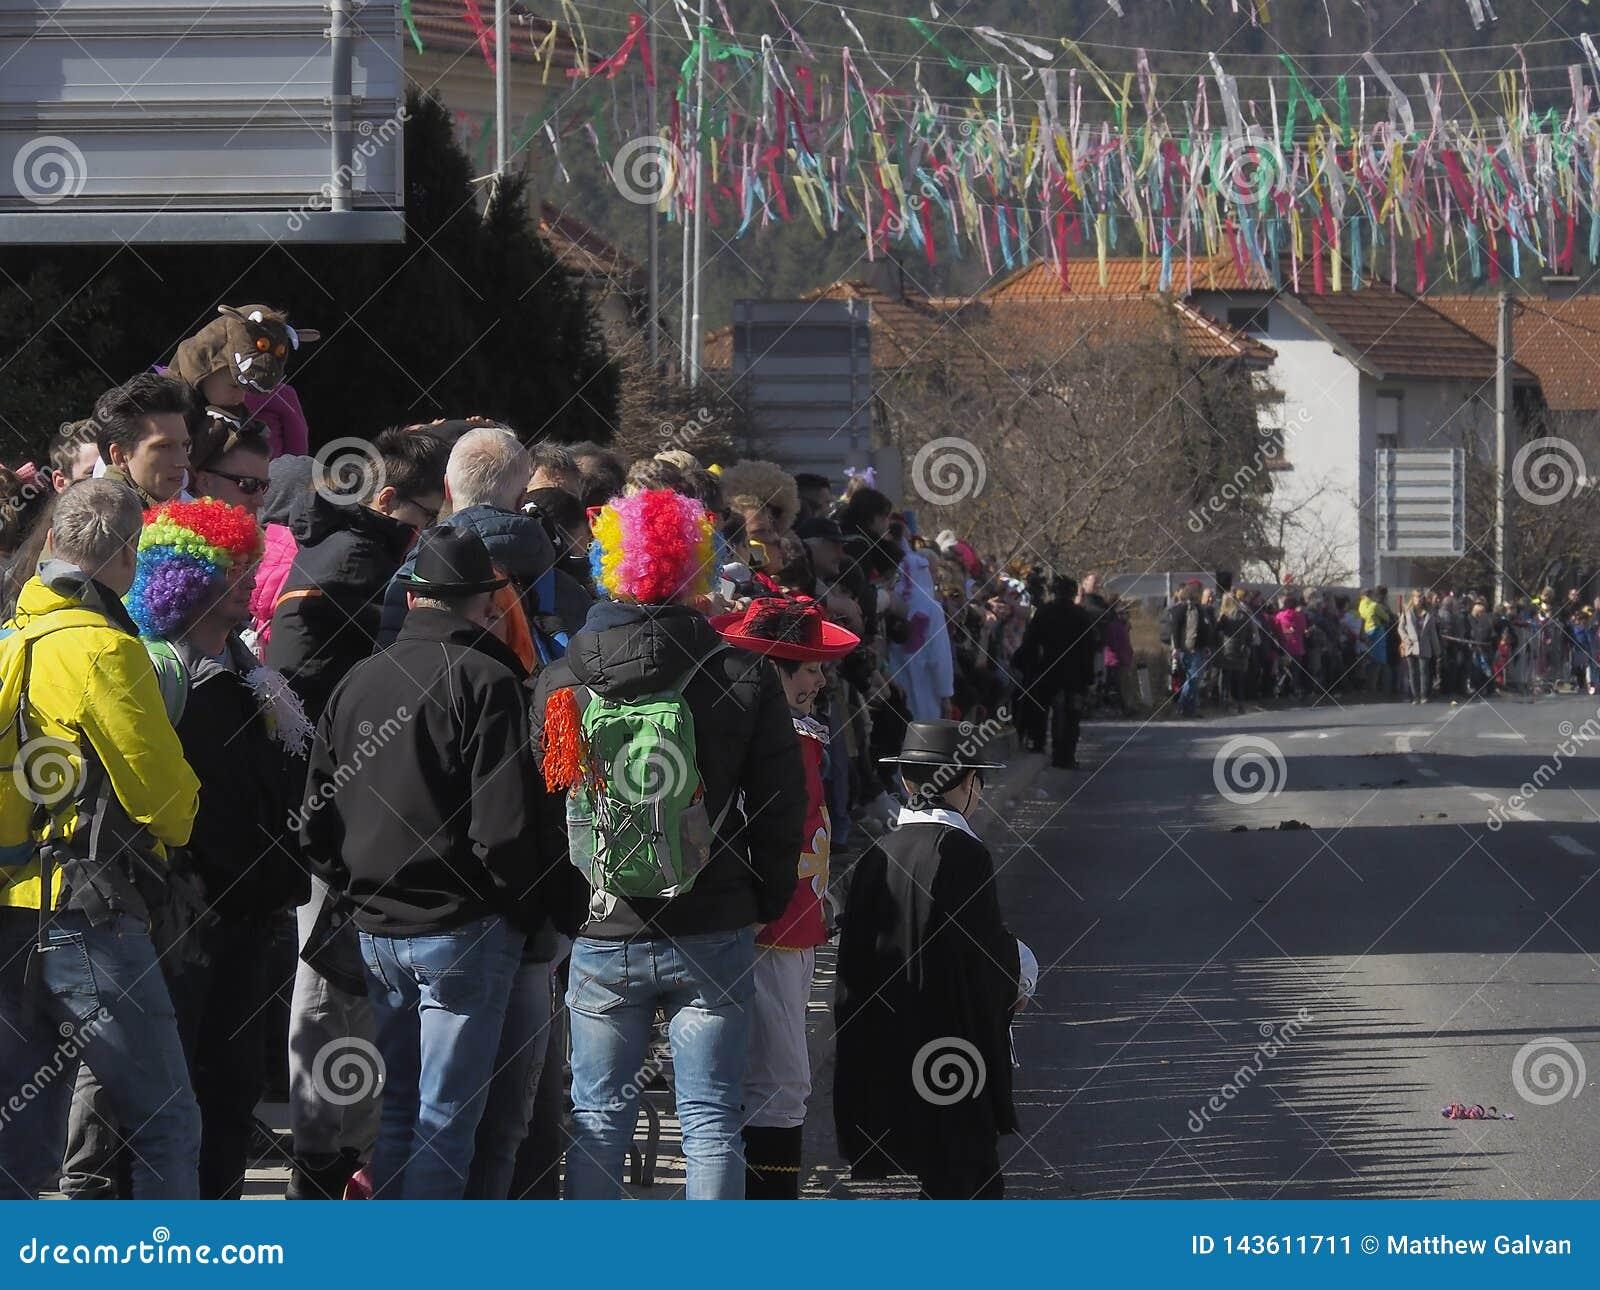 Clown wigs at parade